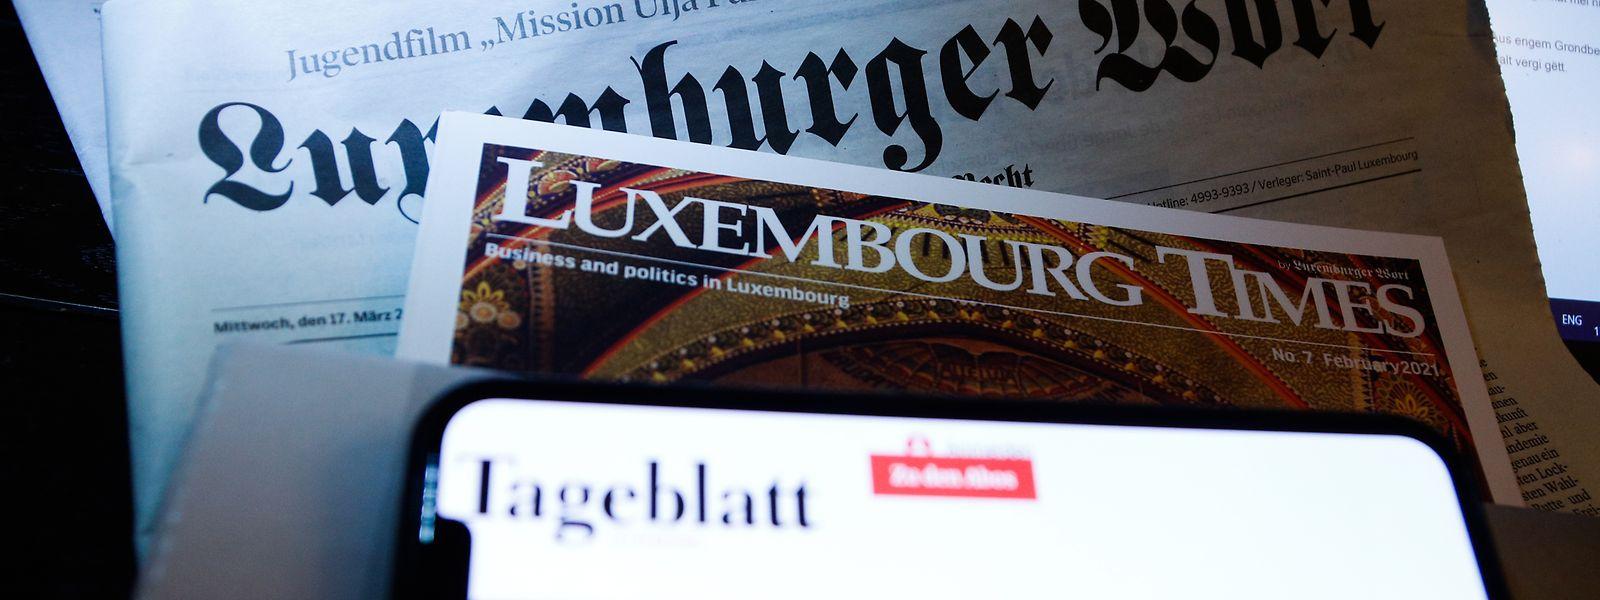 Ziel ist es, die Medienvielfalt zu erhalten. Die Gleichstellung der Online- mit den Druckerzeugnissen, die hohe Kosten verursachen, könnte aber ein Zeitungssterben bewirken.